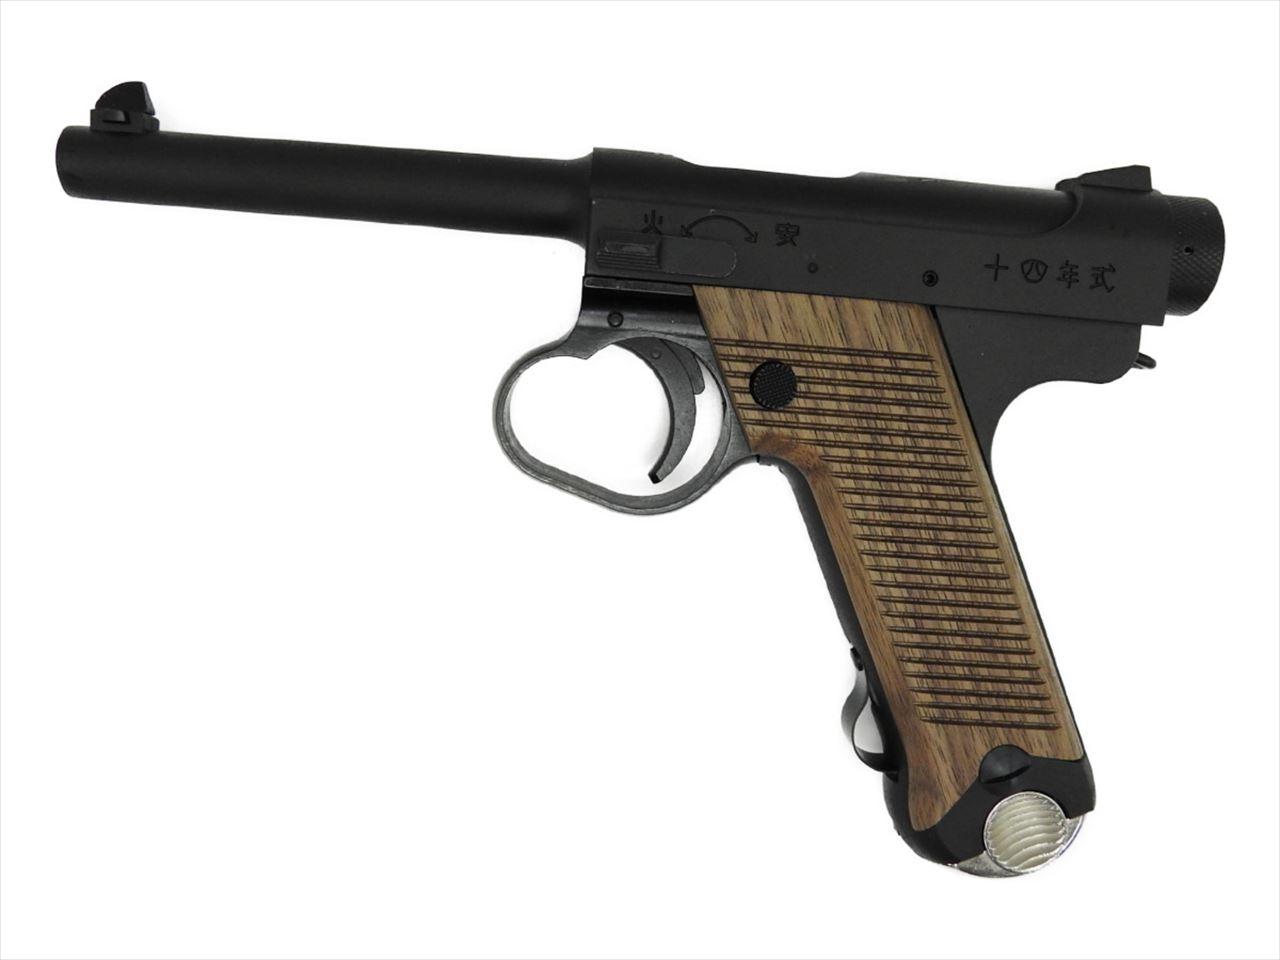 マルシン 南部 十四年式拳銃 後期型 ウォールナット 木製グリップ仕様 ブラック HW エアガン モデルガン ガスガン 18歳以上 新品 059511